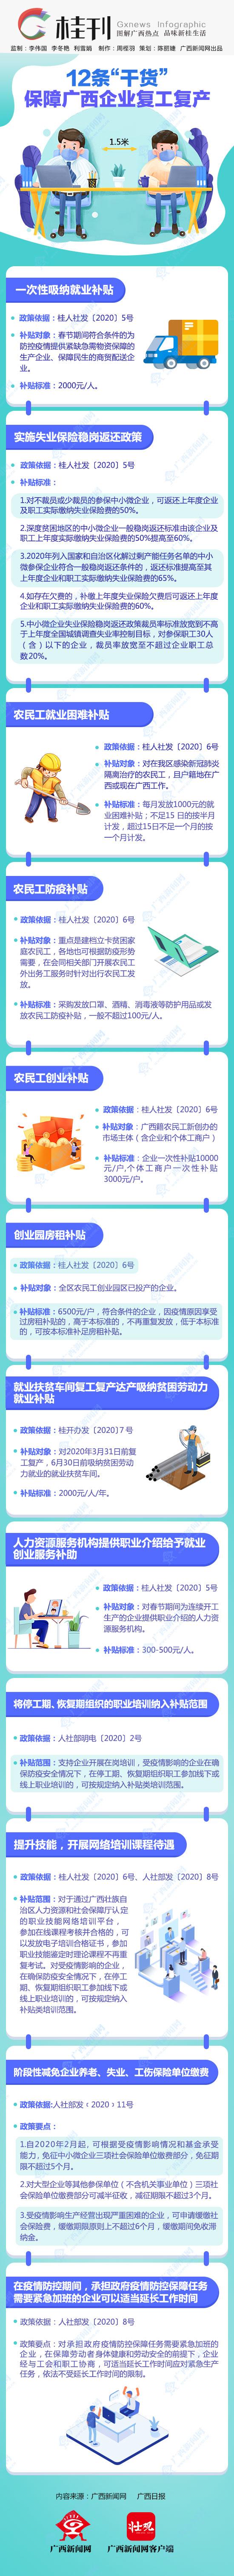 """桂刊丨12条""""干货""""保障广西企业复工复产"""